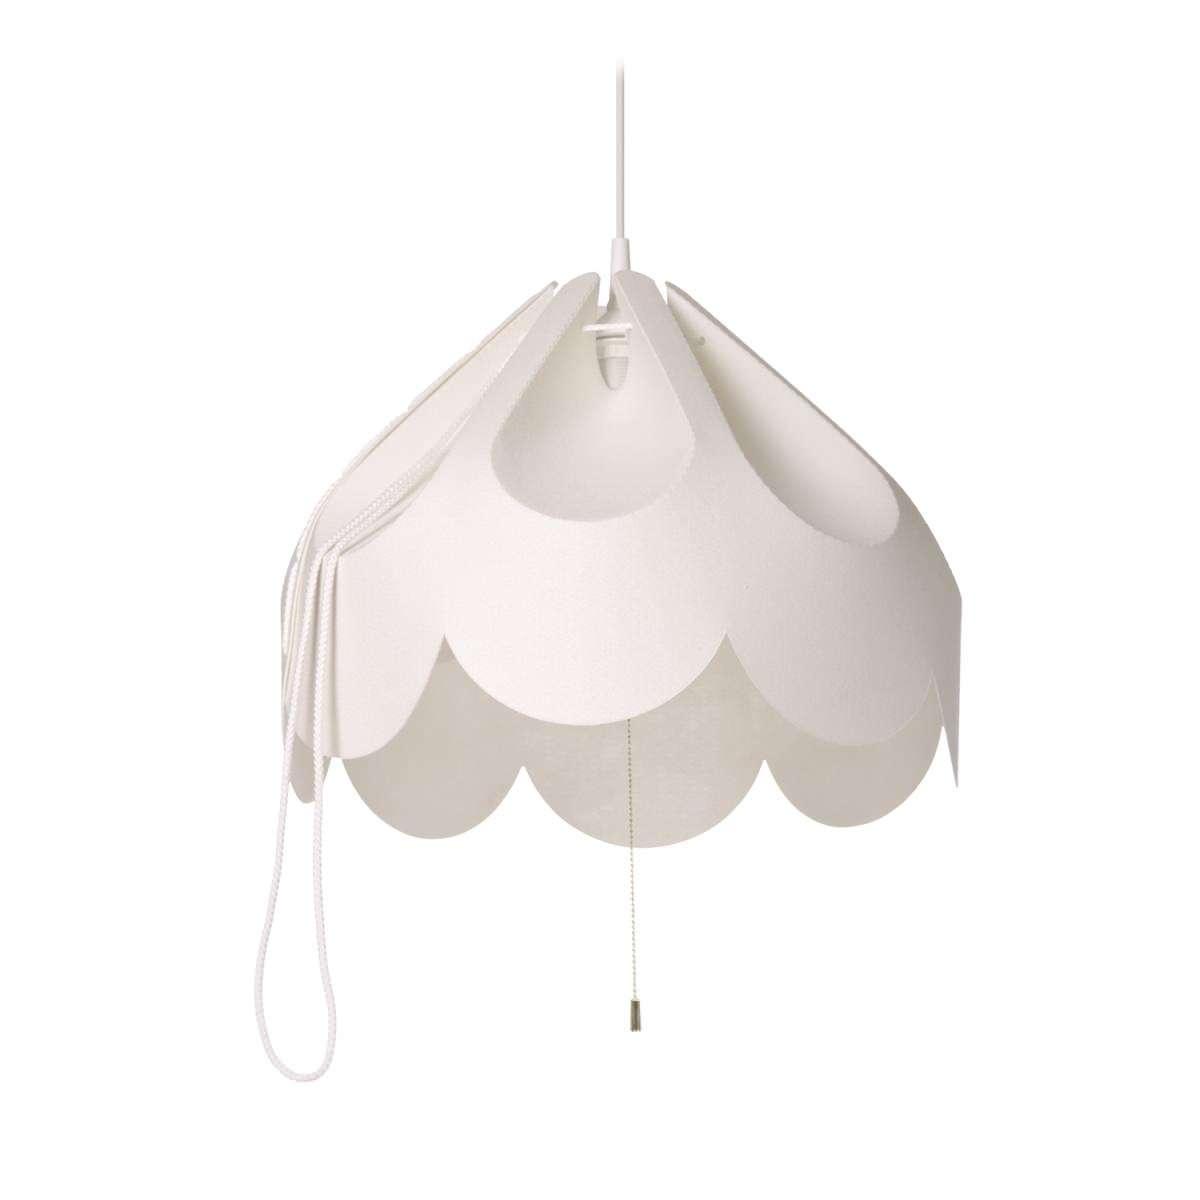 3灯ペンダントライト BEZA2 LOFTLIGHT ロフトライト ポーランドのデザイン照明 ペンダントランプ シャンデリア デザイナーズ モダン リビング ダイニング 寝室